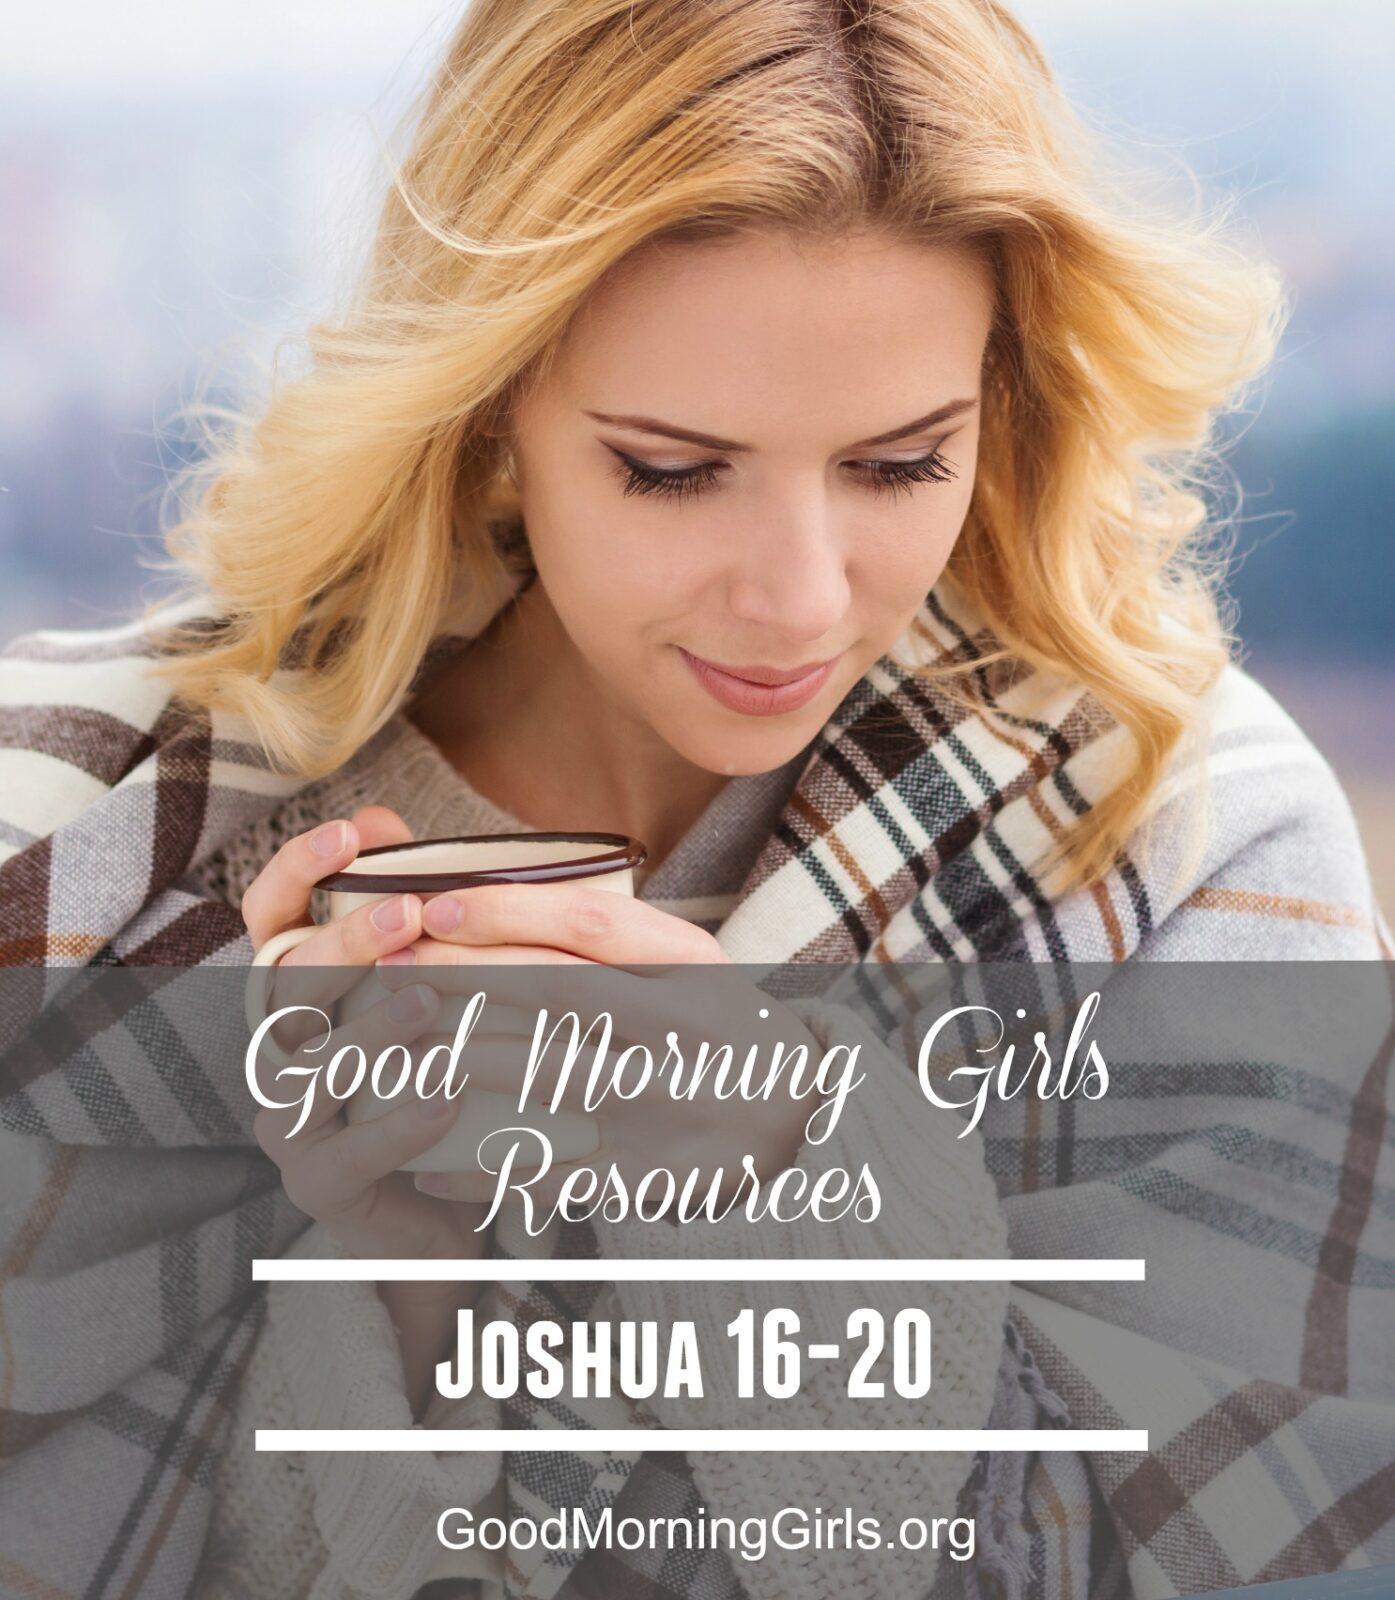 https://i0.wp.com/womenlivingwell.org/wp-content/uploads/2016/09/Joshua-16-20.jpg